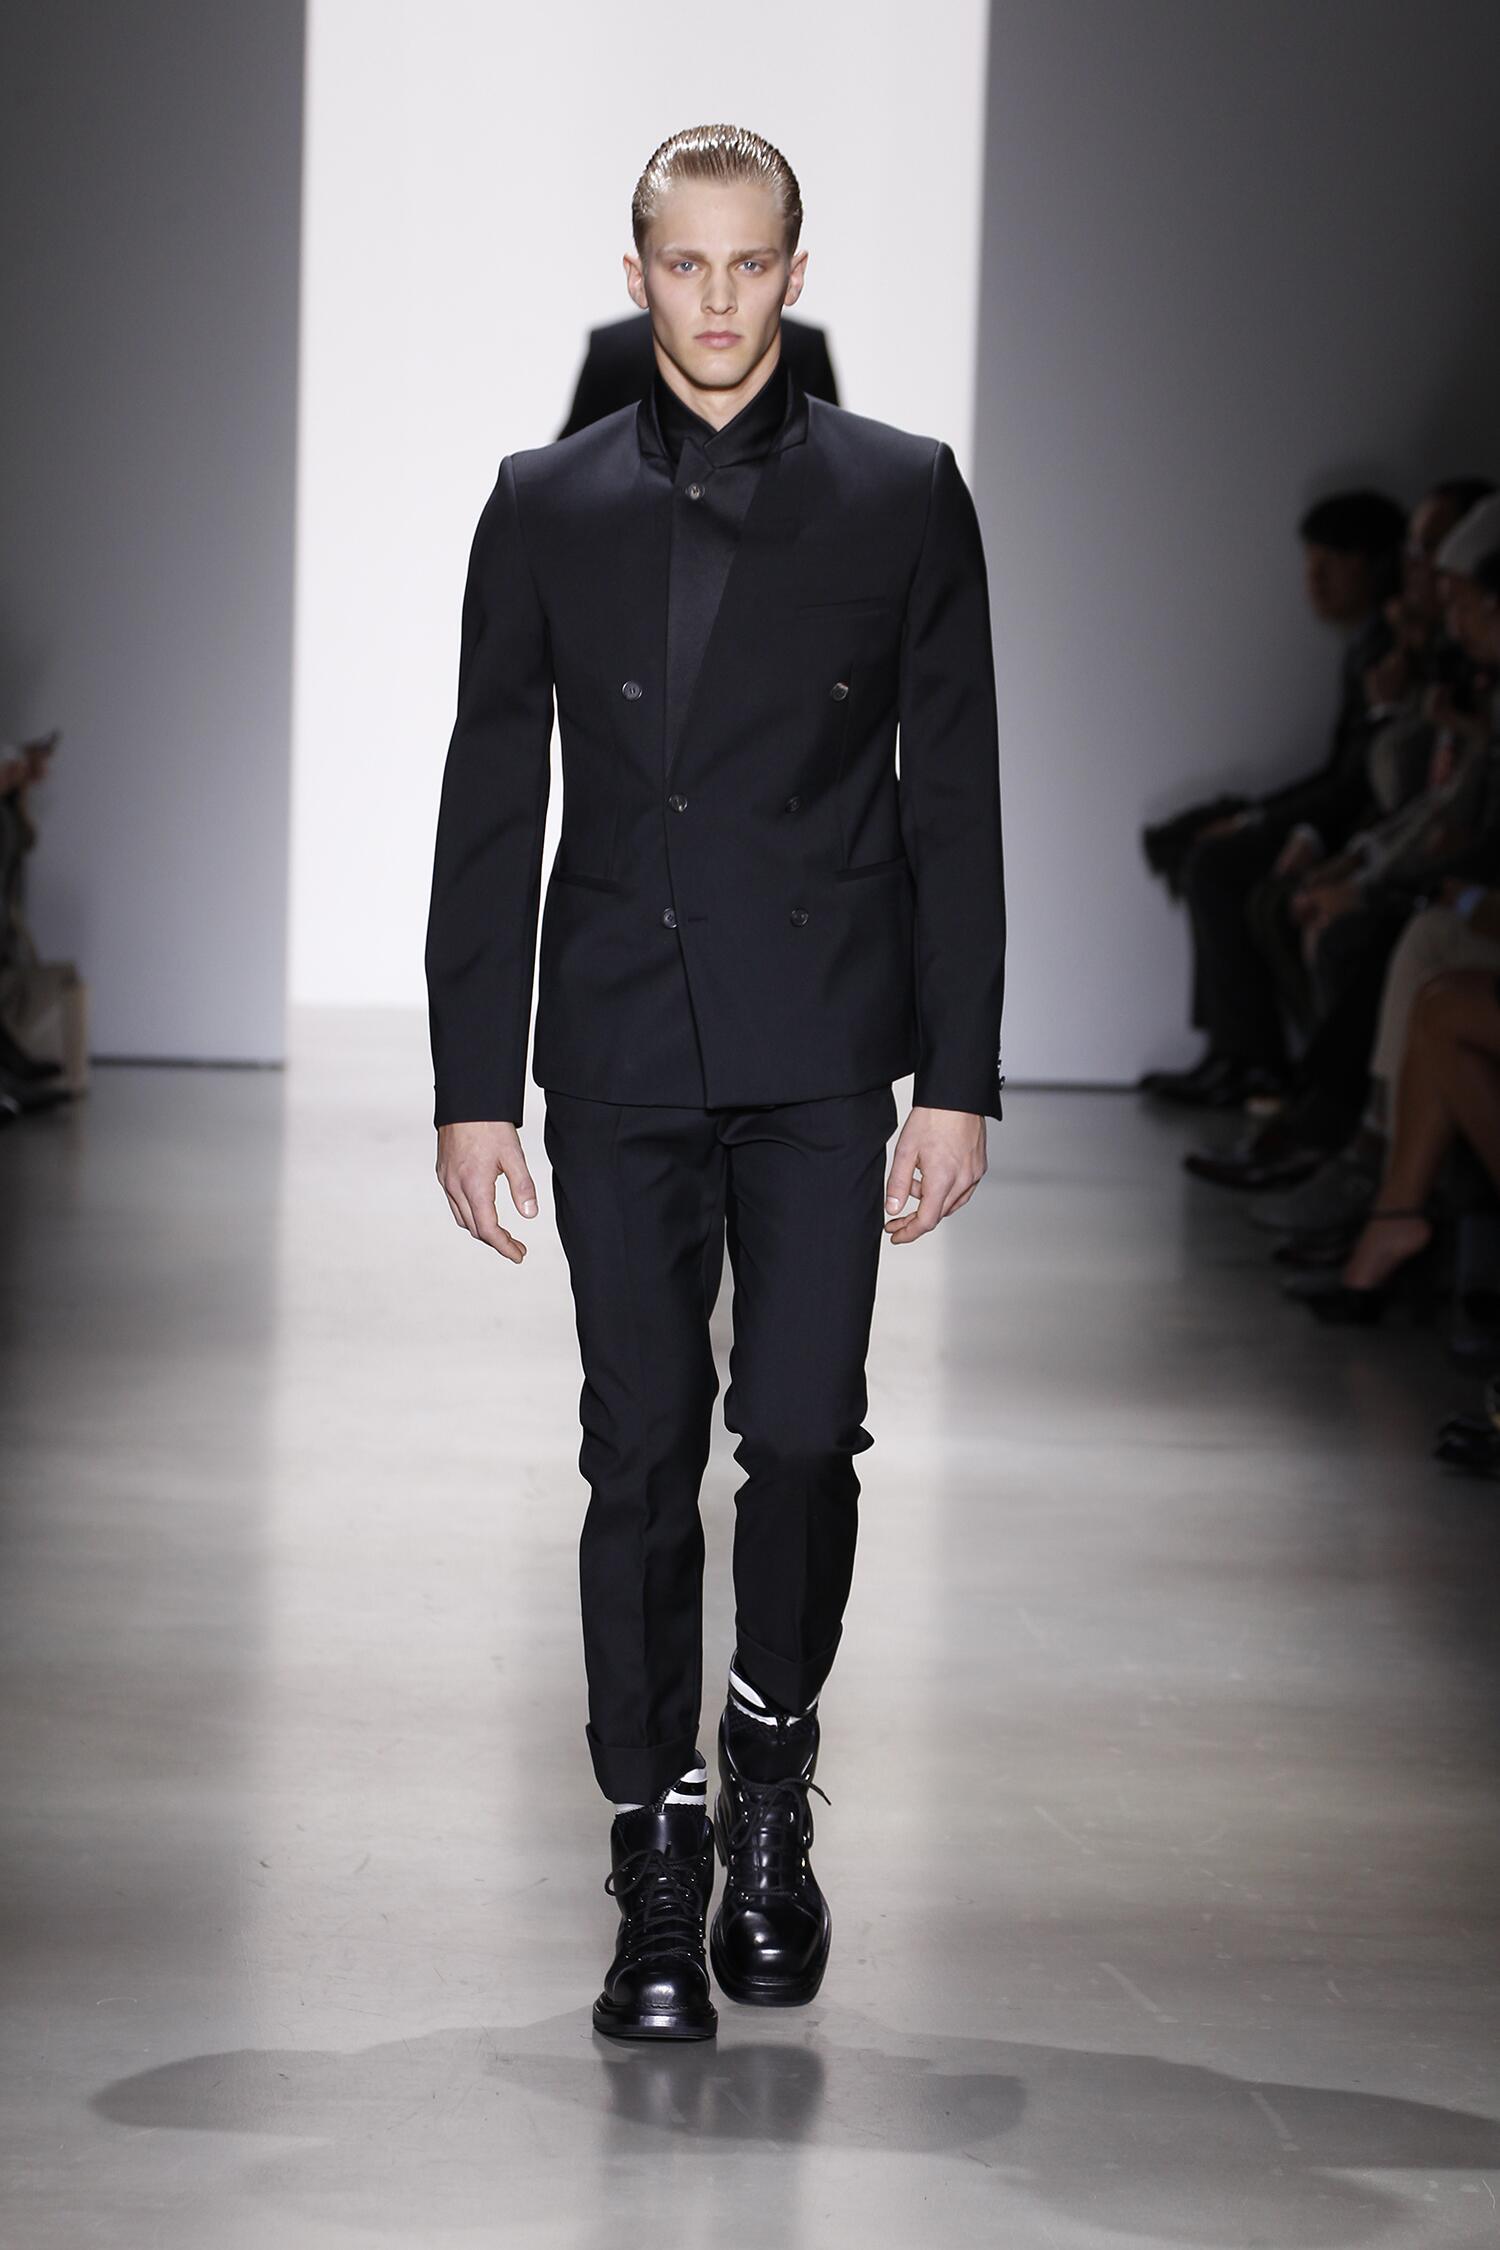 Fashion Show FW 2015 2016 Calvin Klein